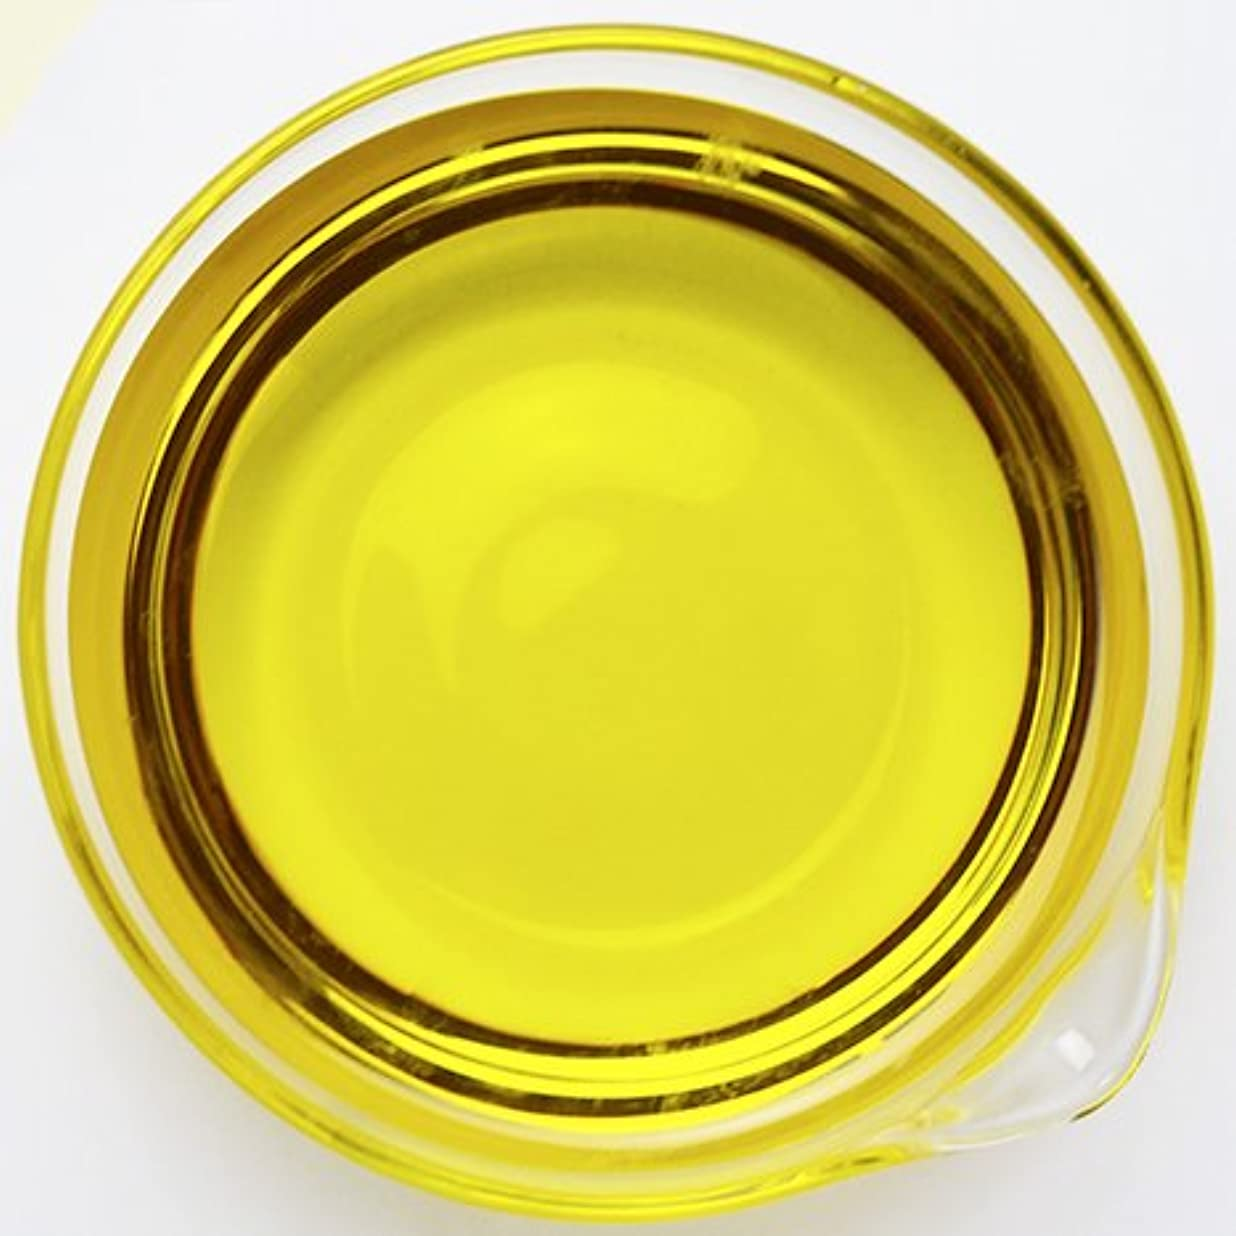 媒染剤実験をするシンプトン未精製 プルーンシードオイル 50ml 【手作り石鹸/手作りコスメ/美容オイル/キャリアオイル】